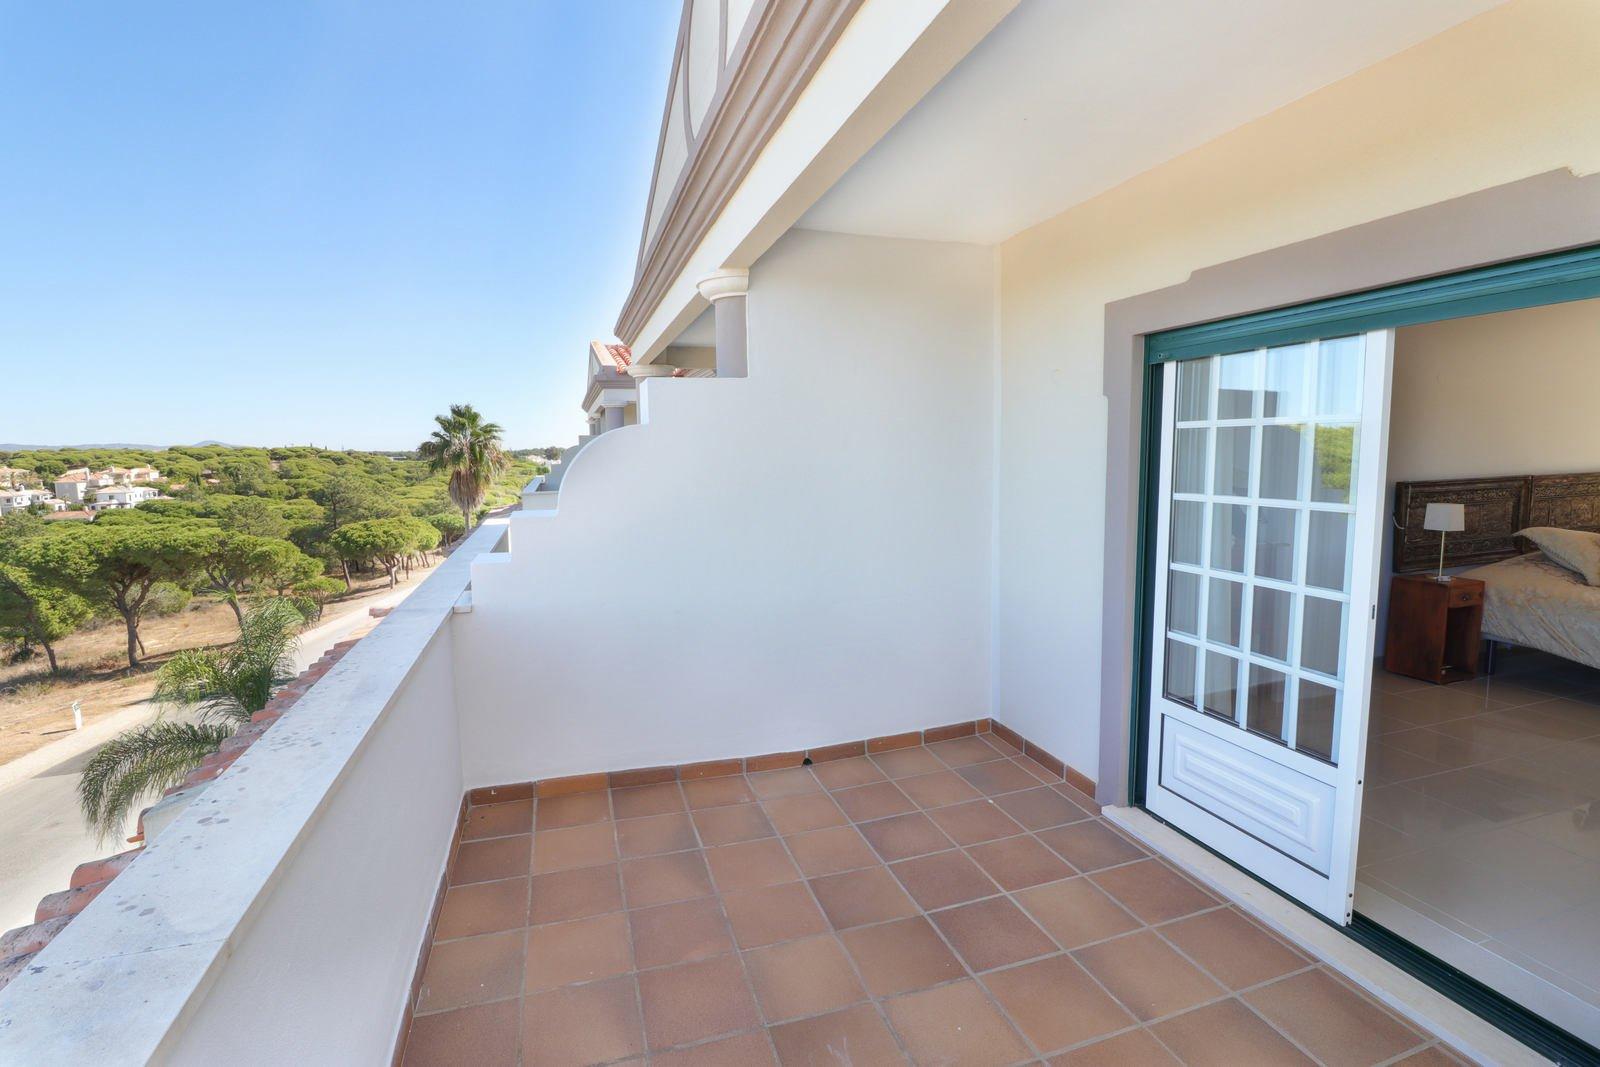 3 Bedroom Townhouse Almancil, Central Algarve Ref: PV3595